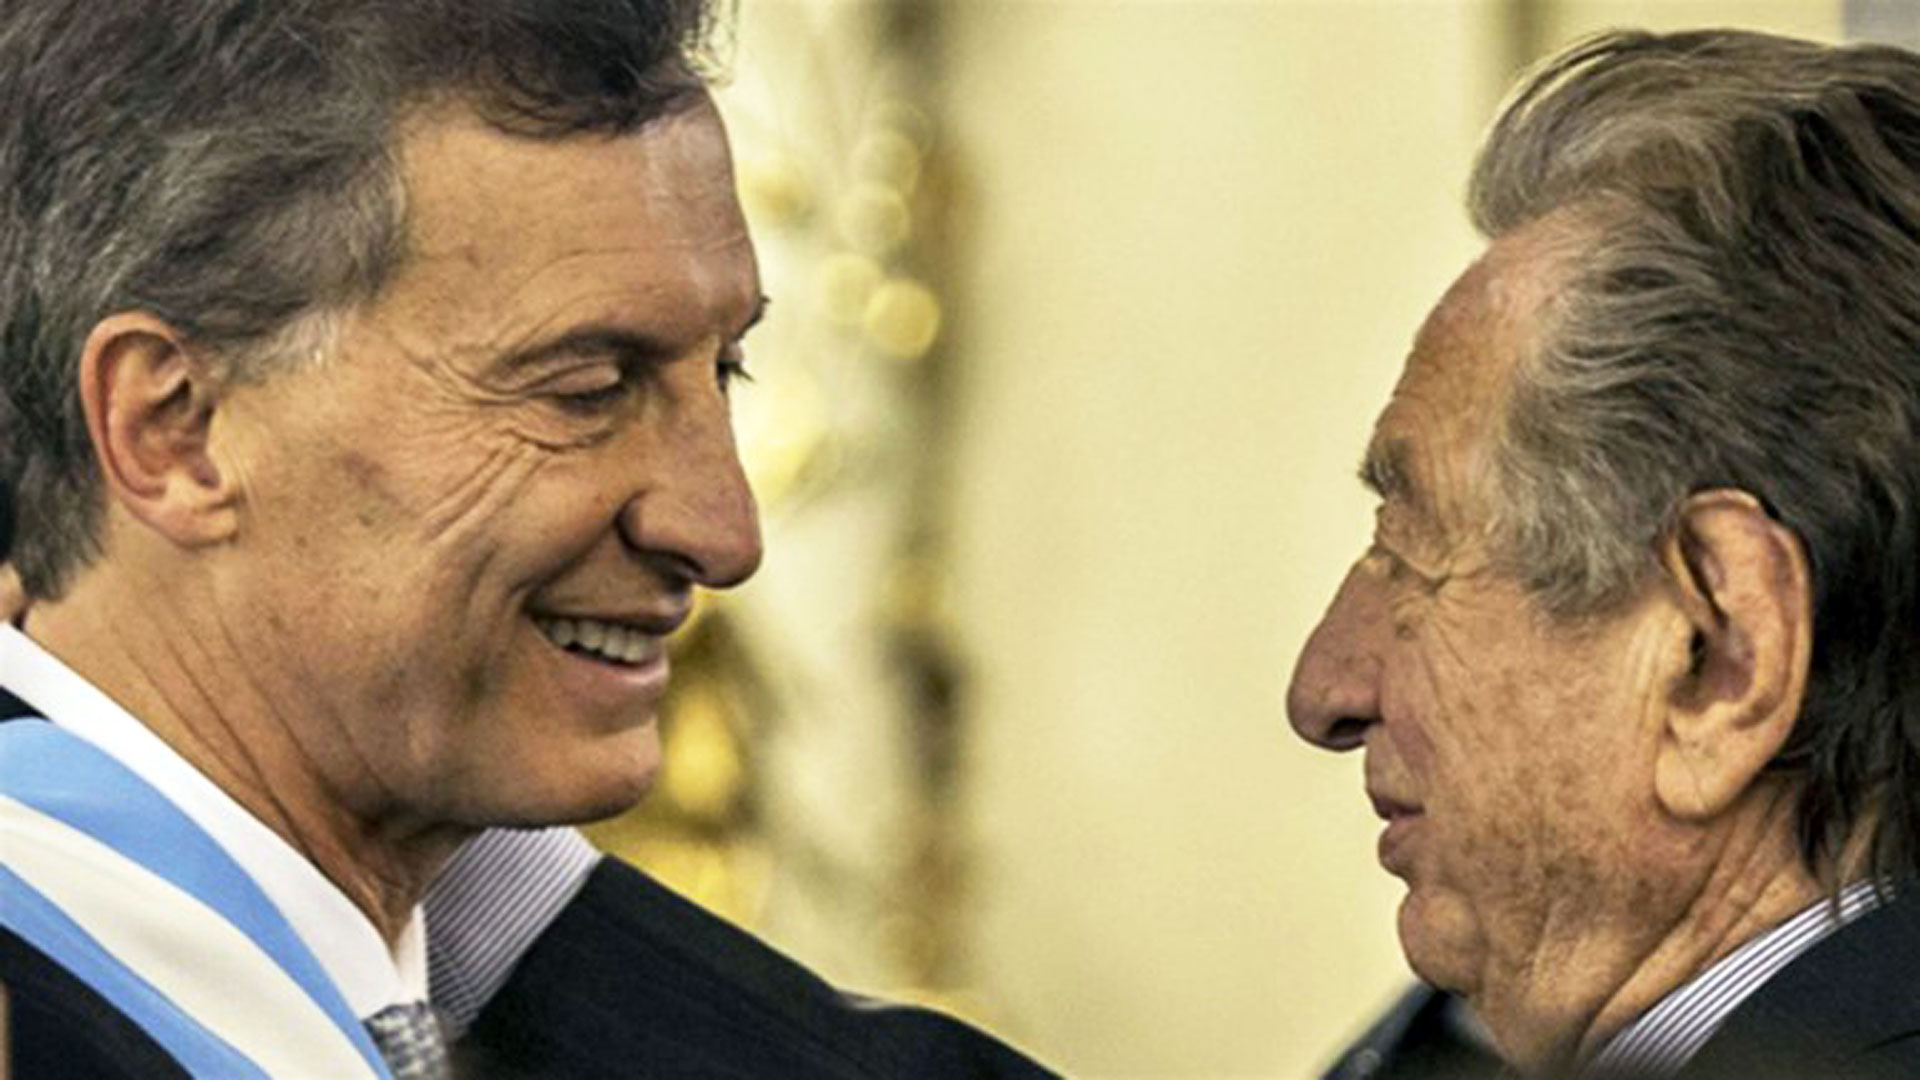 El Presidente junto a su padre, Franco Macri (DyN)